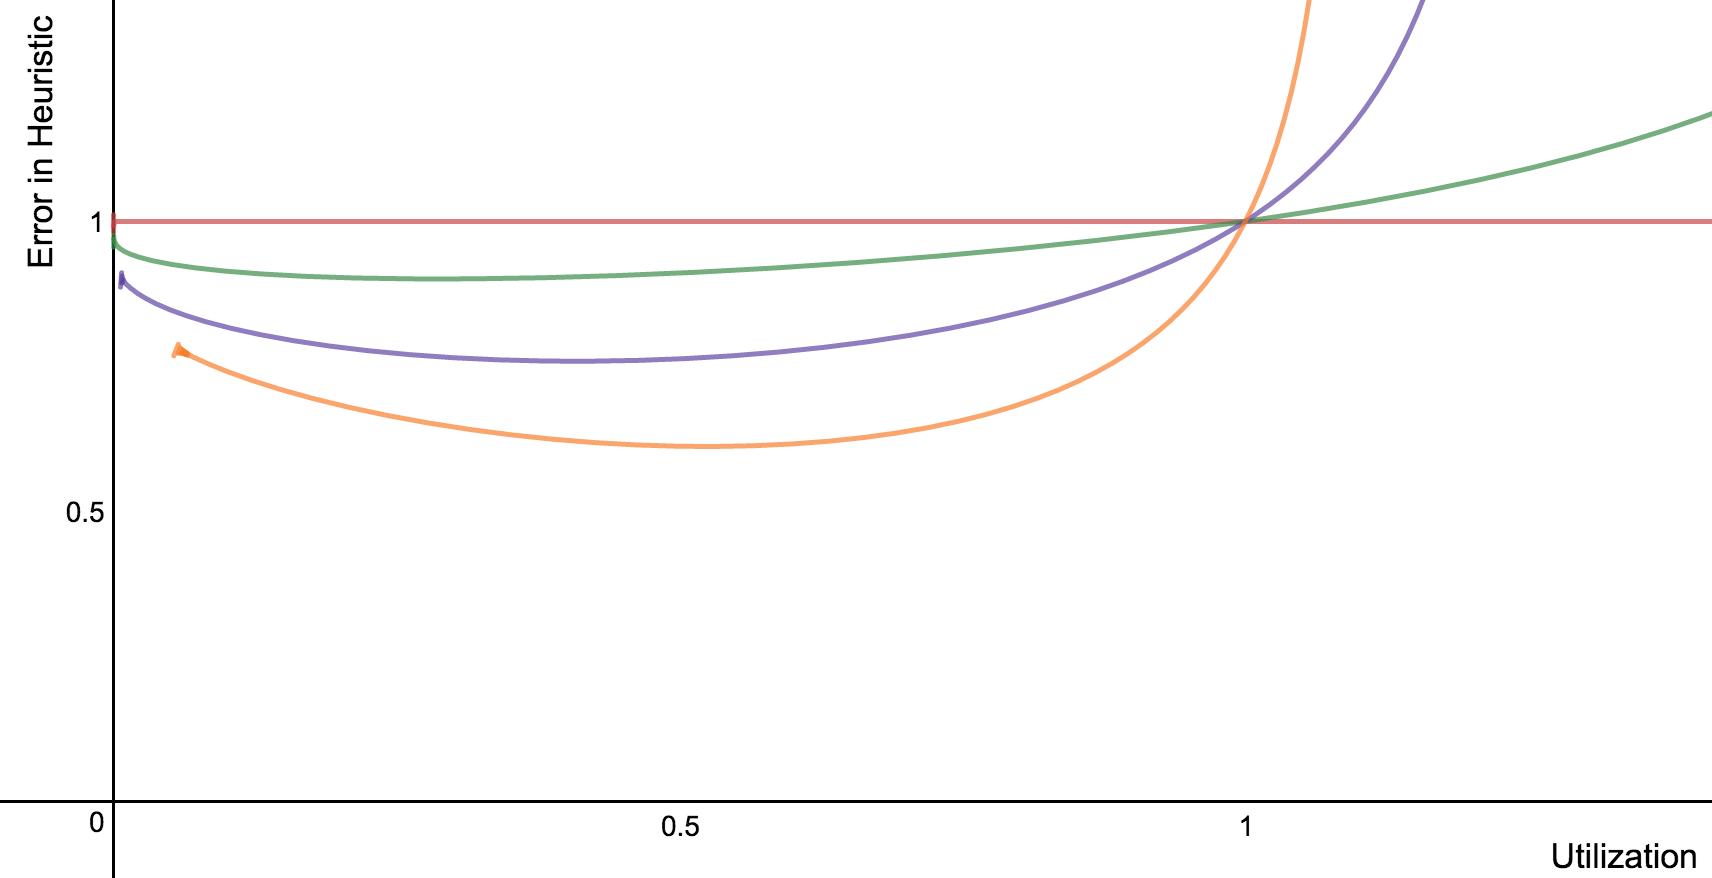 Error in Heuristic as Func of Util